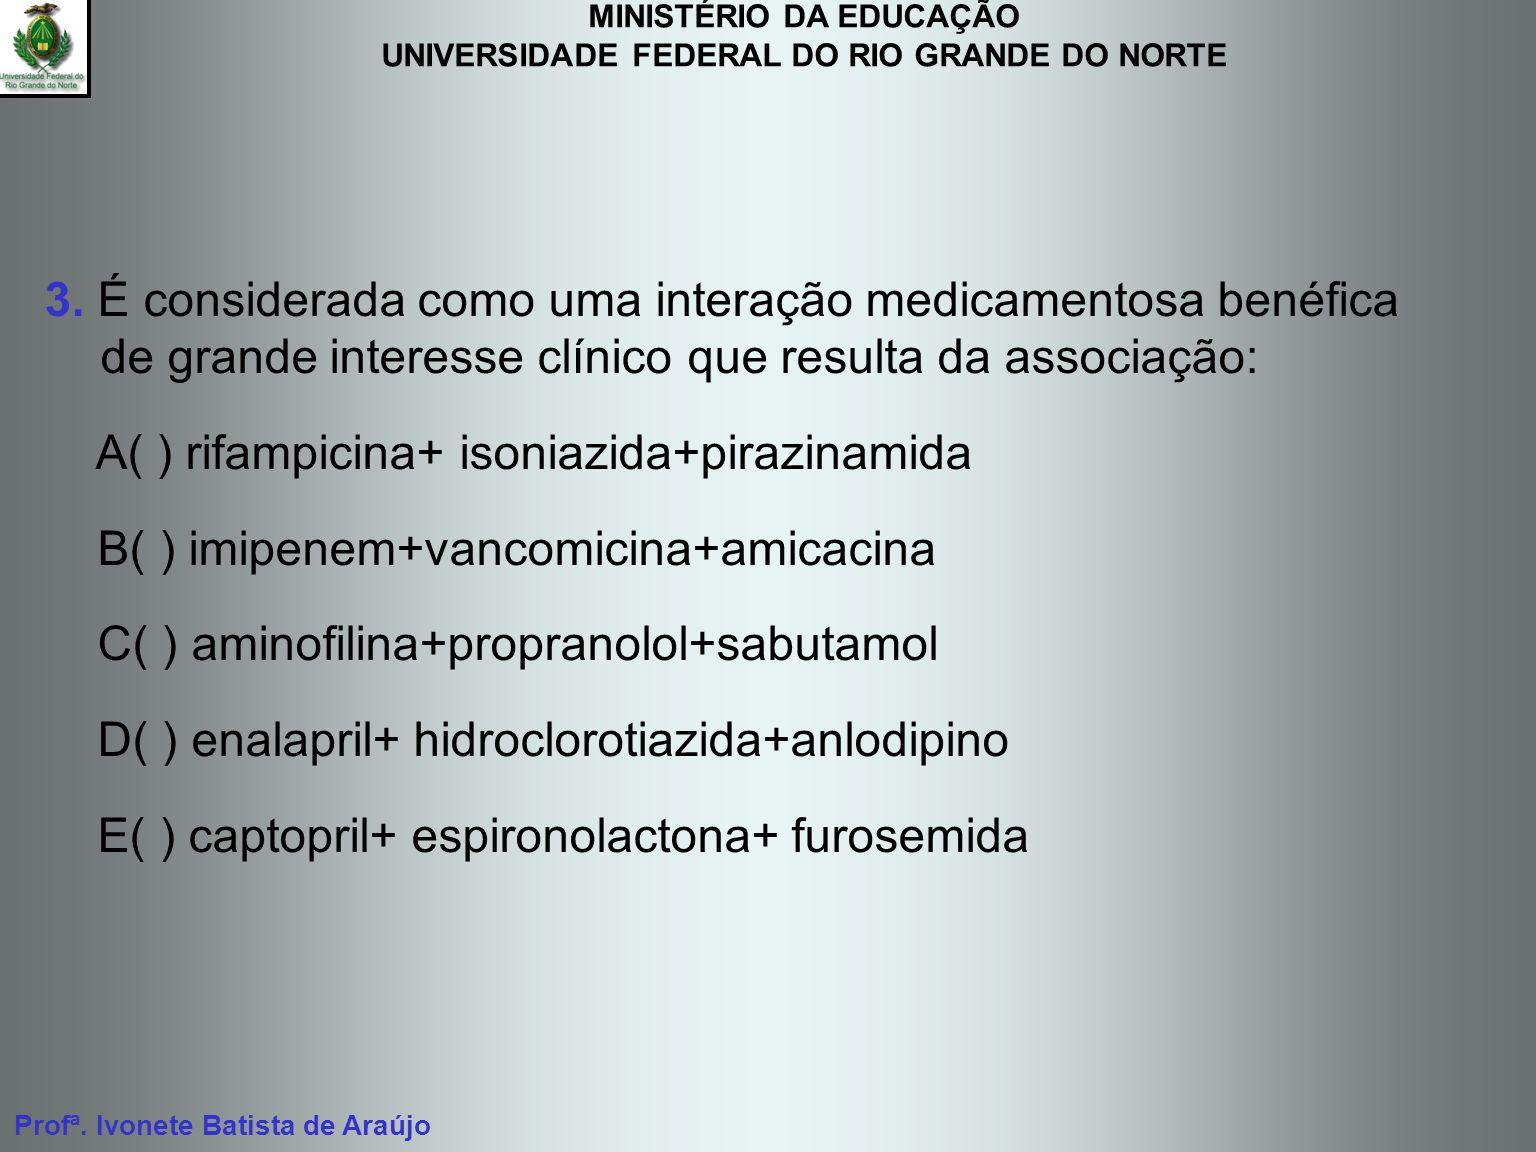 3. É considerada como uma interação medicamentosa benéfica de grande interesse clínico que resulta da associação: